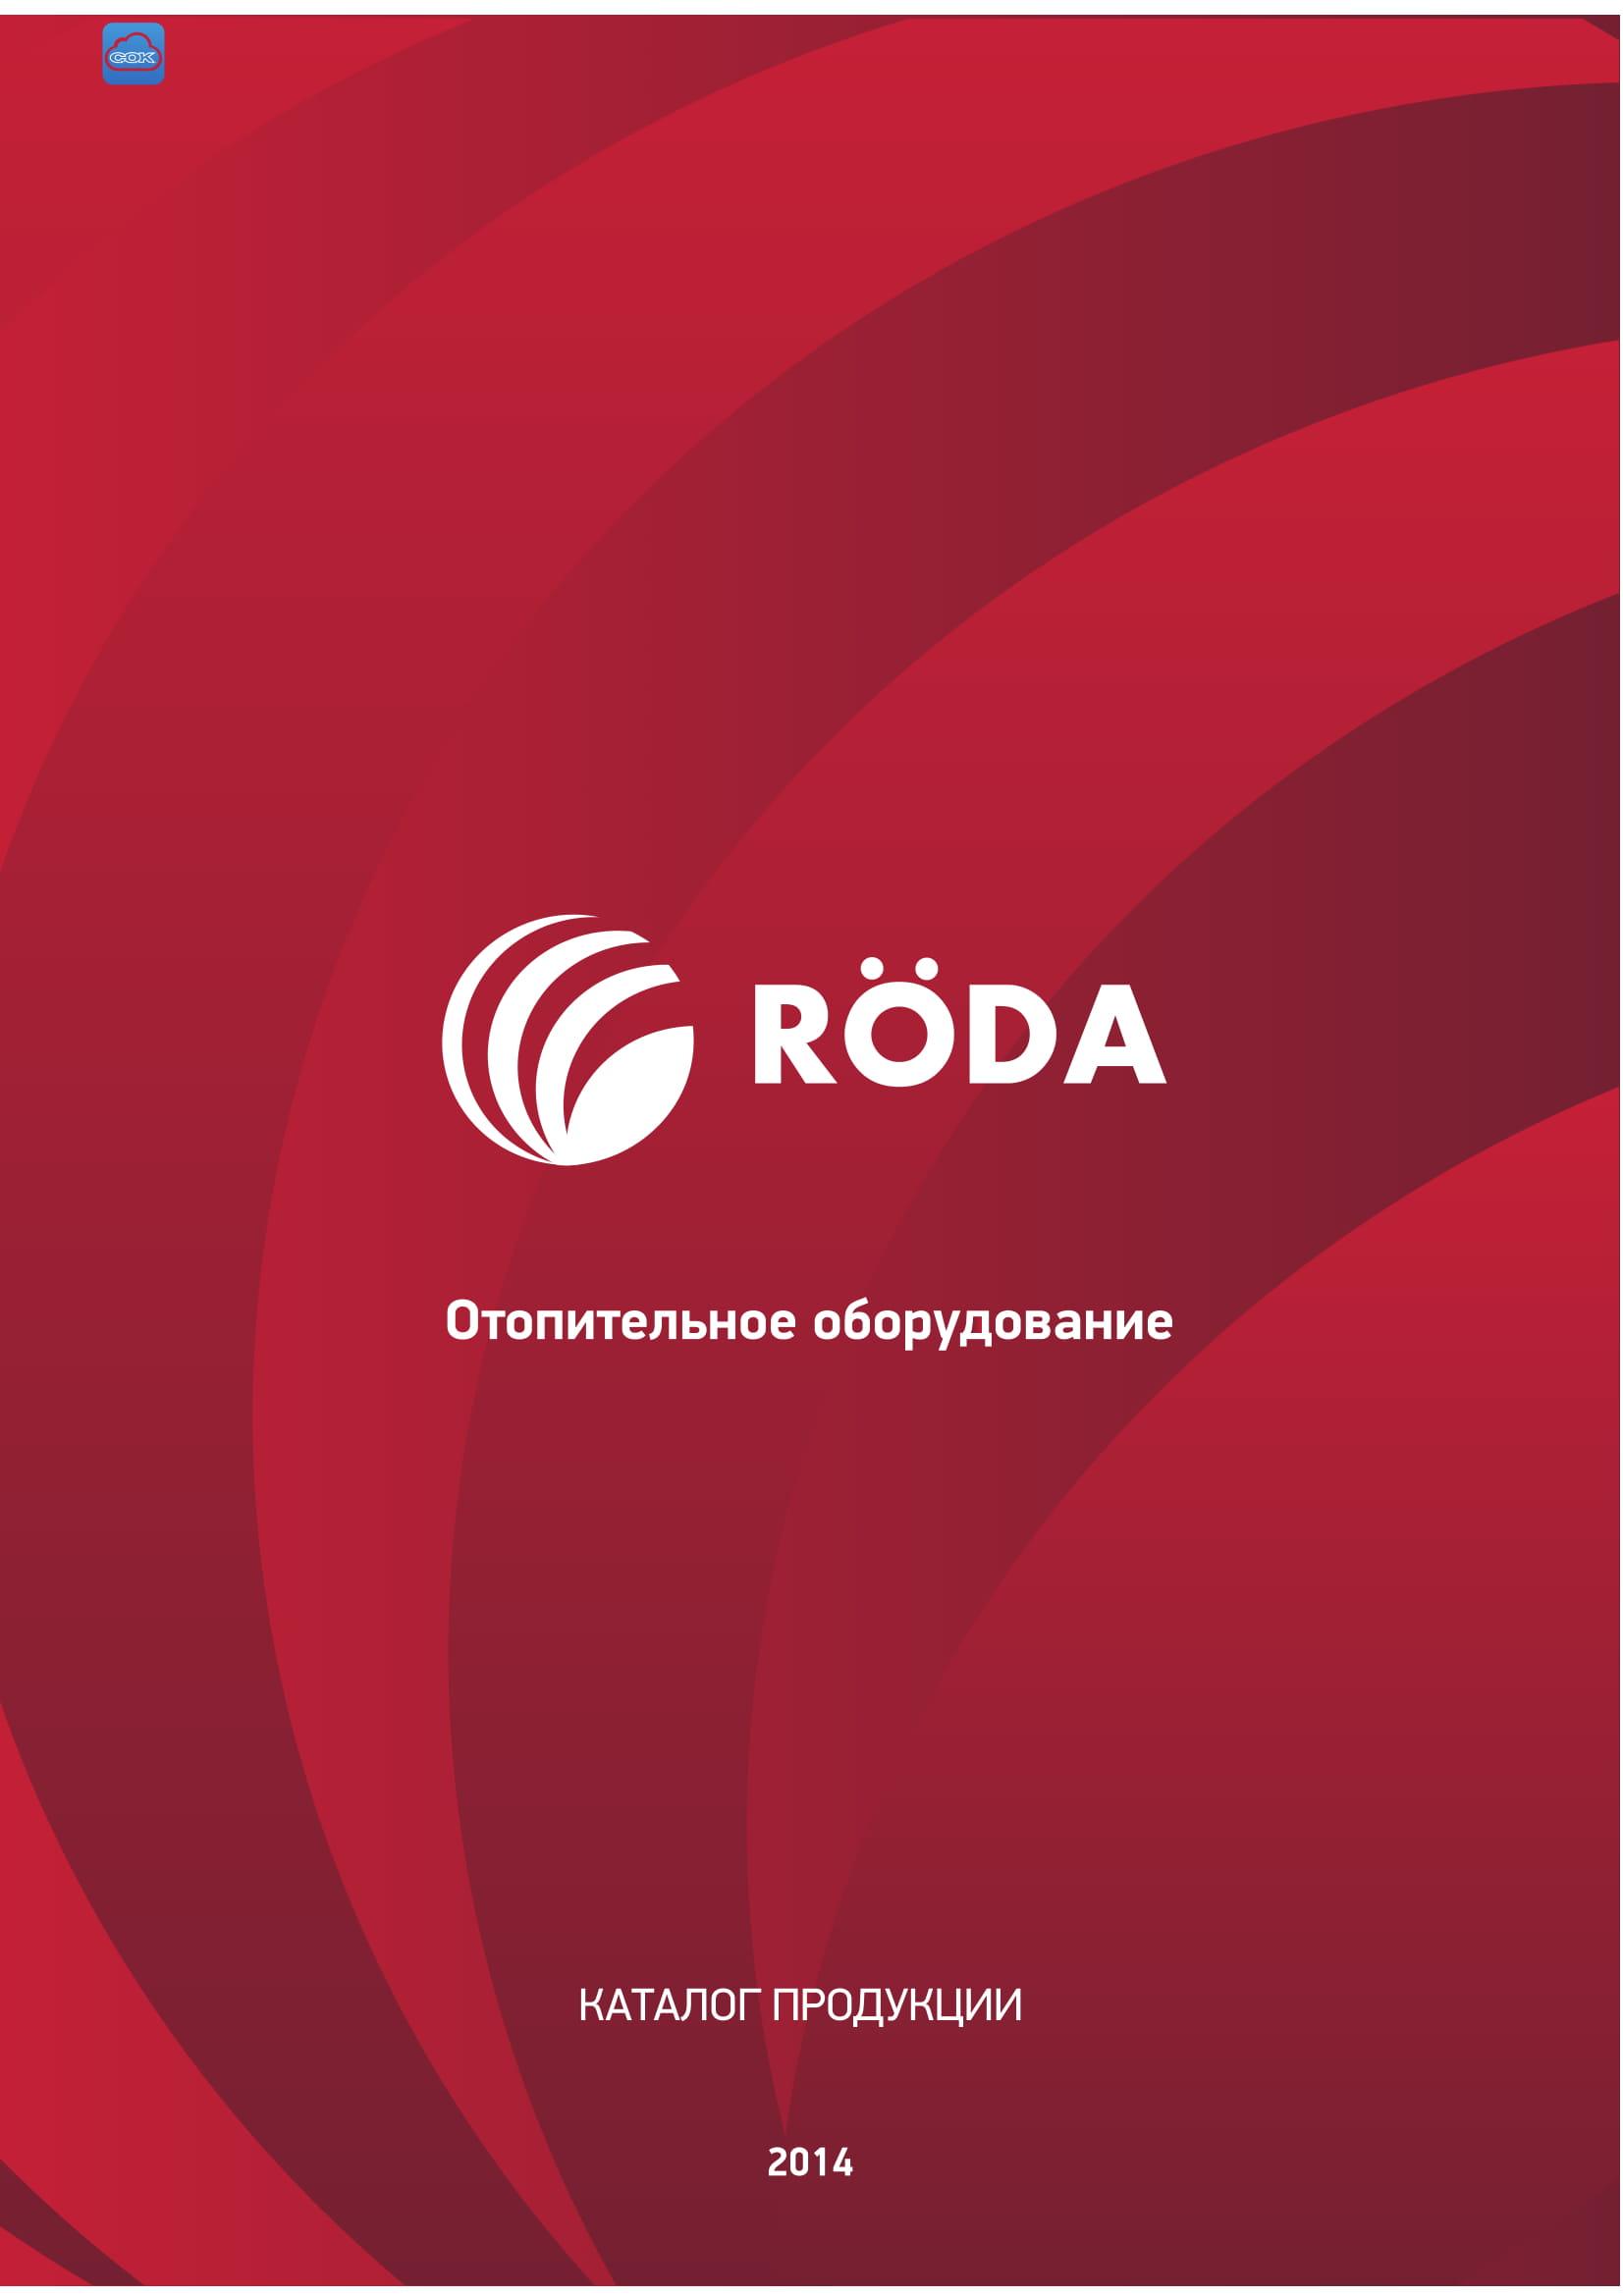 Каталог отопительного оборудования Roda 2014